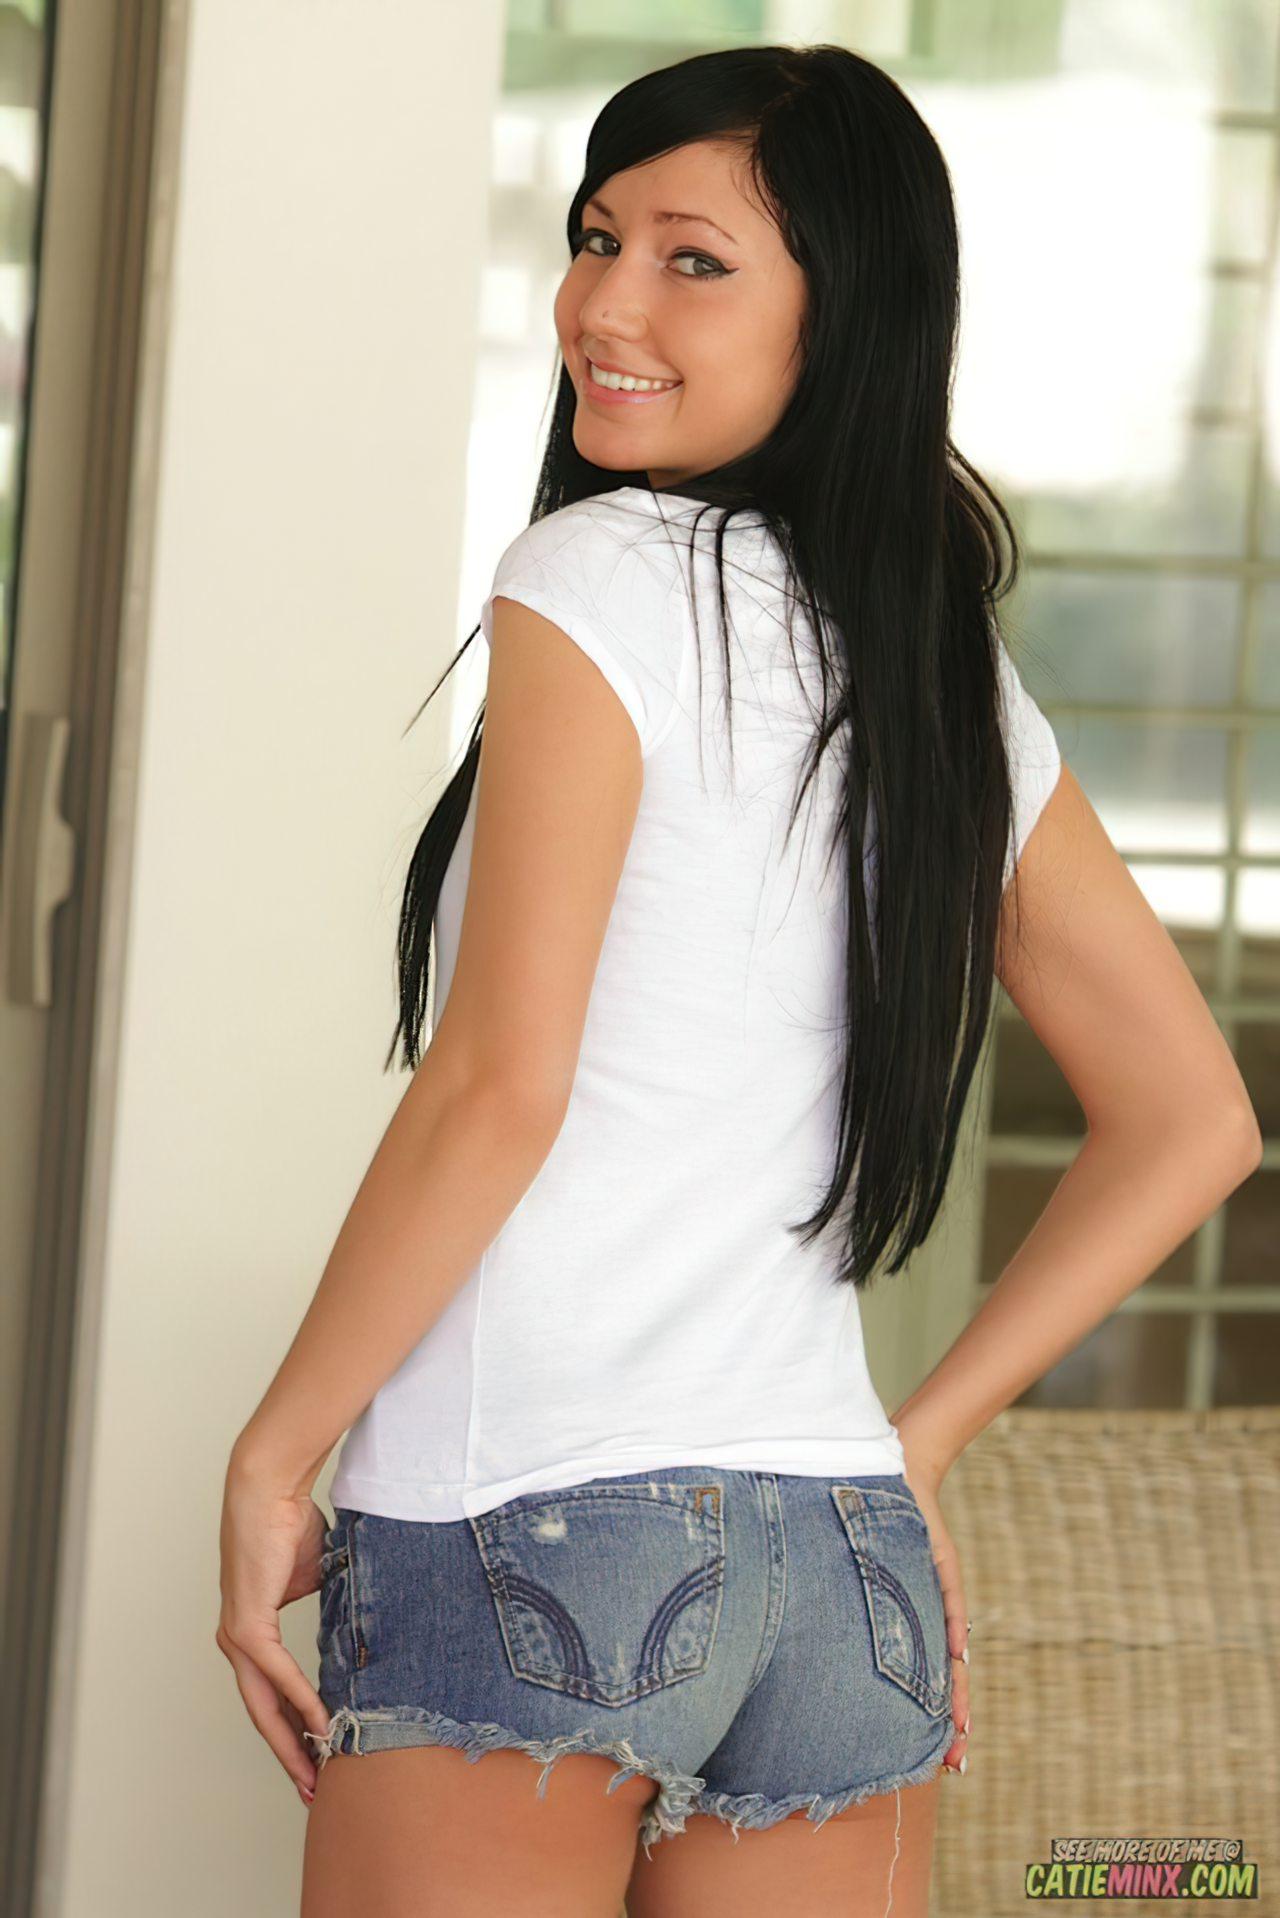 Catie Minx (45)